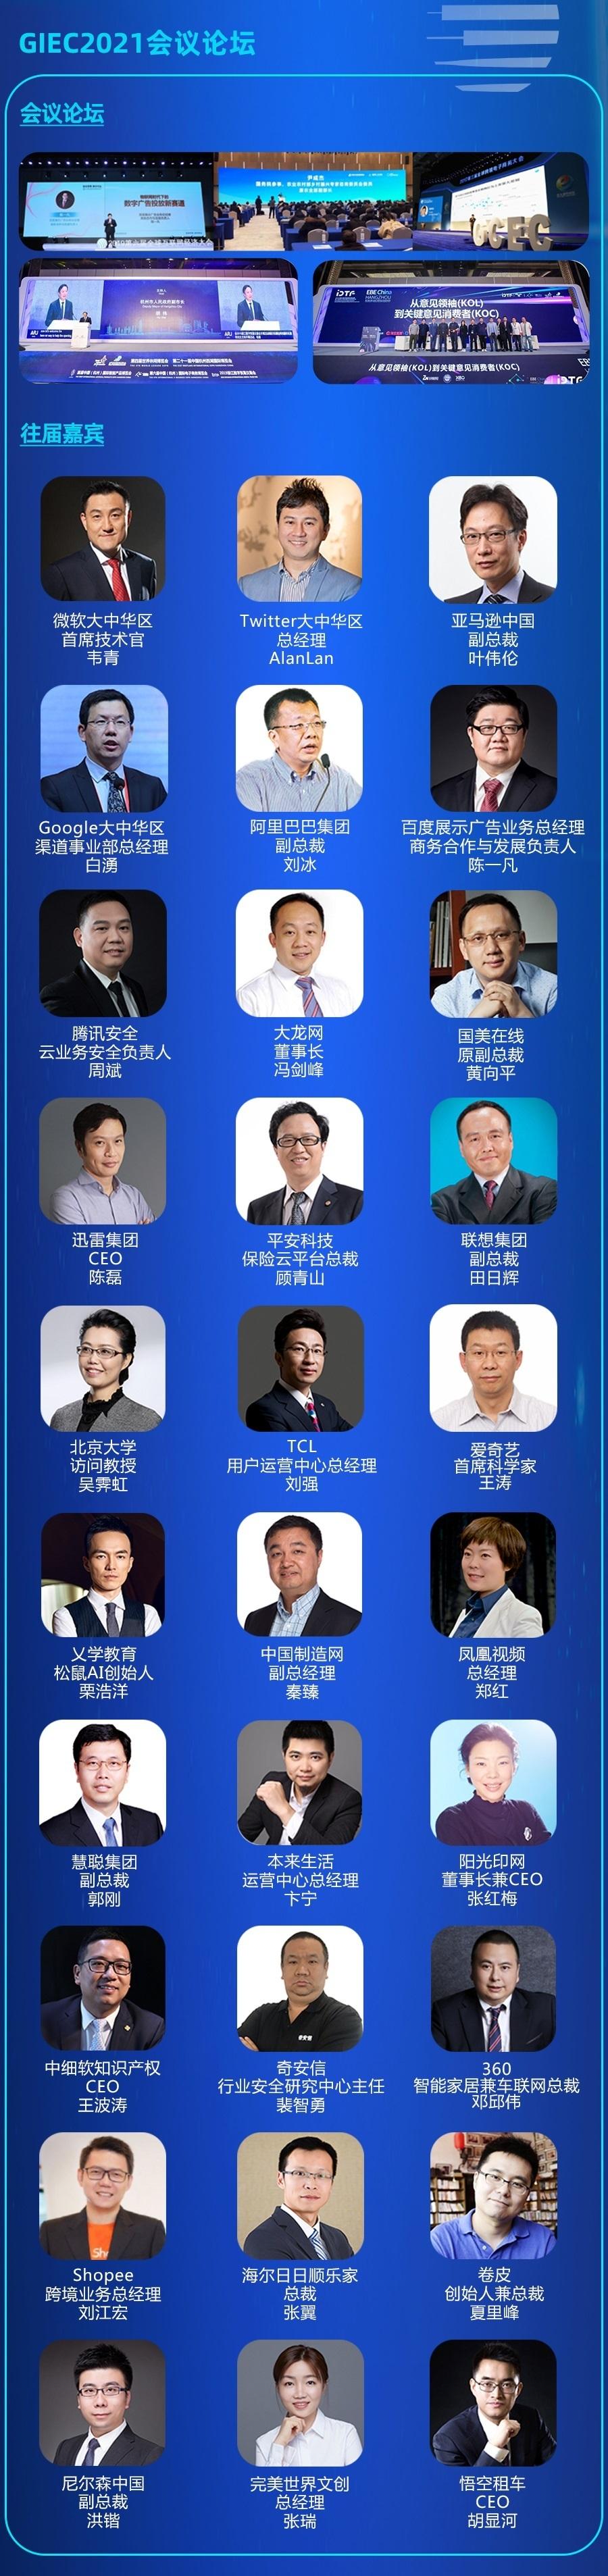 2021第七届全球互联网经济大会